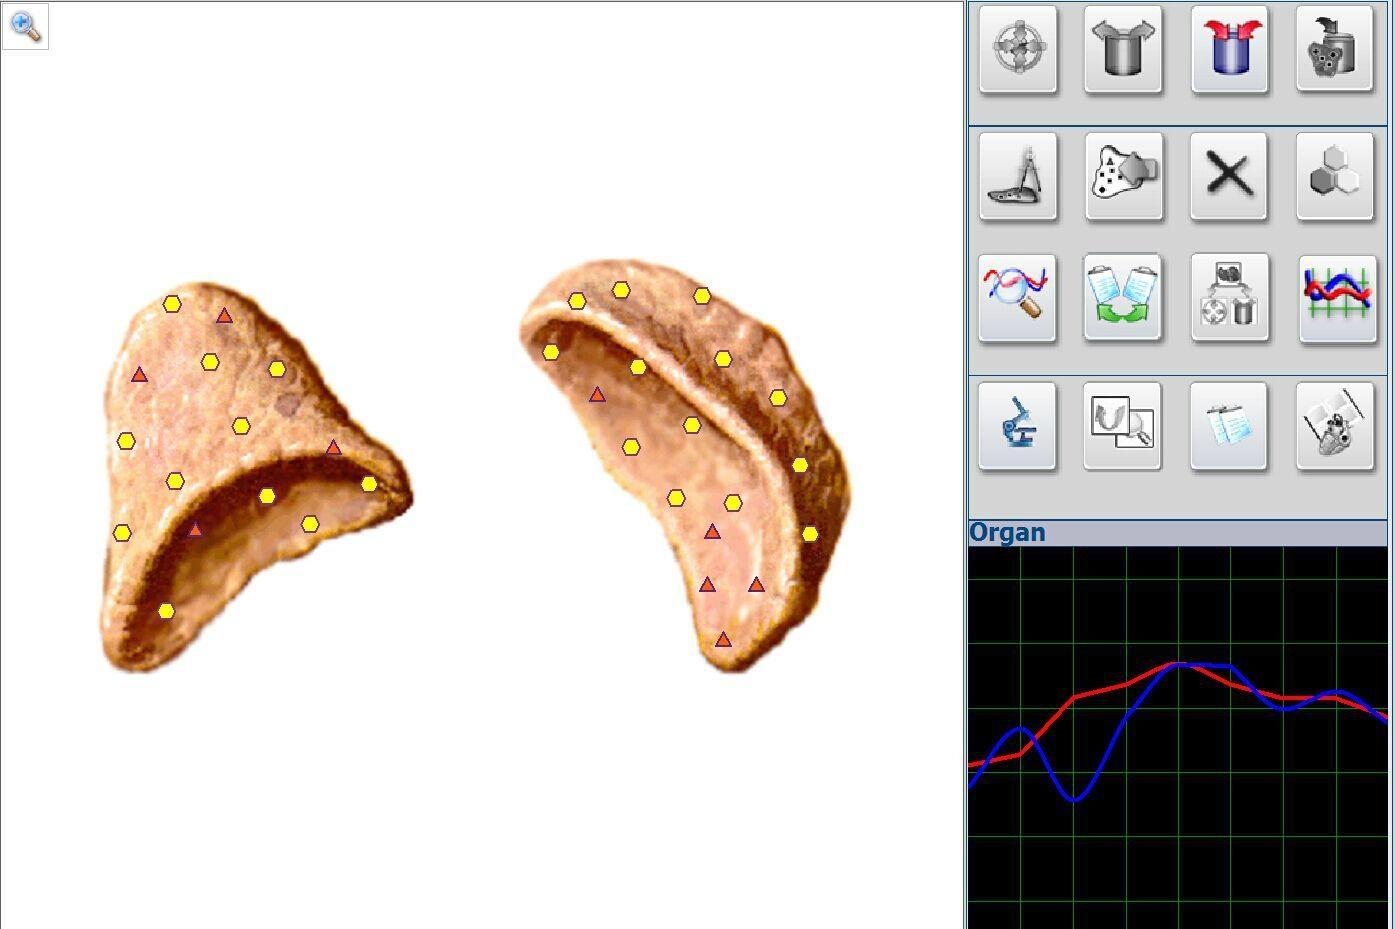 原生物共振4025猎人奥伯伦版非线性分析系统 1